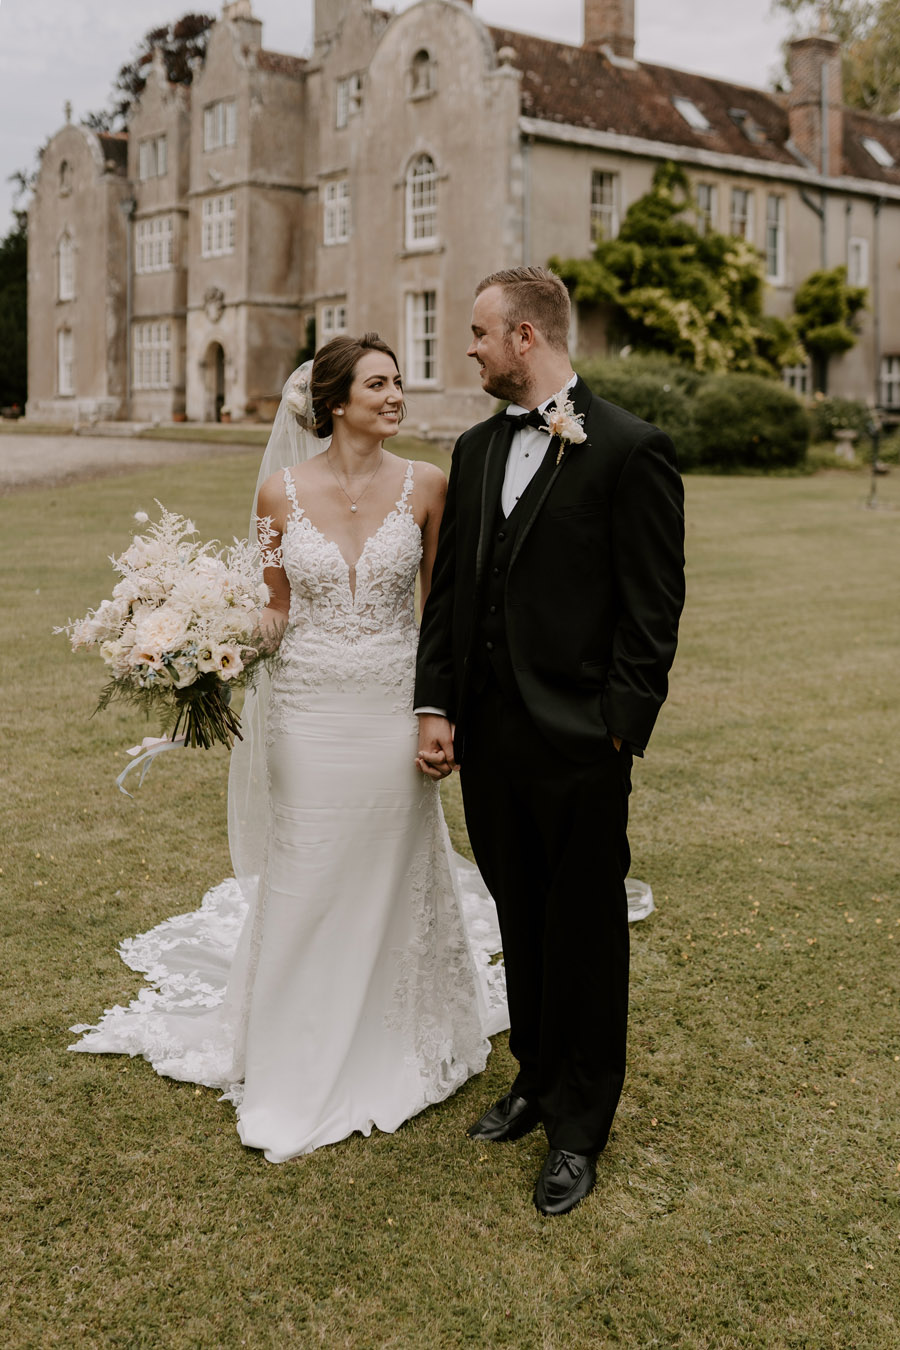 Classic and Stately – Edmondsham House wedding inspiration, image credit Jack Aldridge Photography (12)